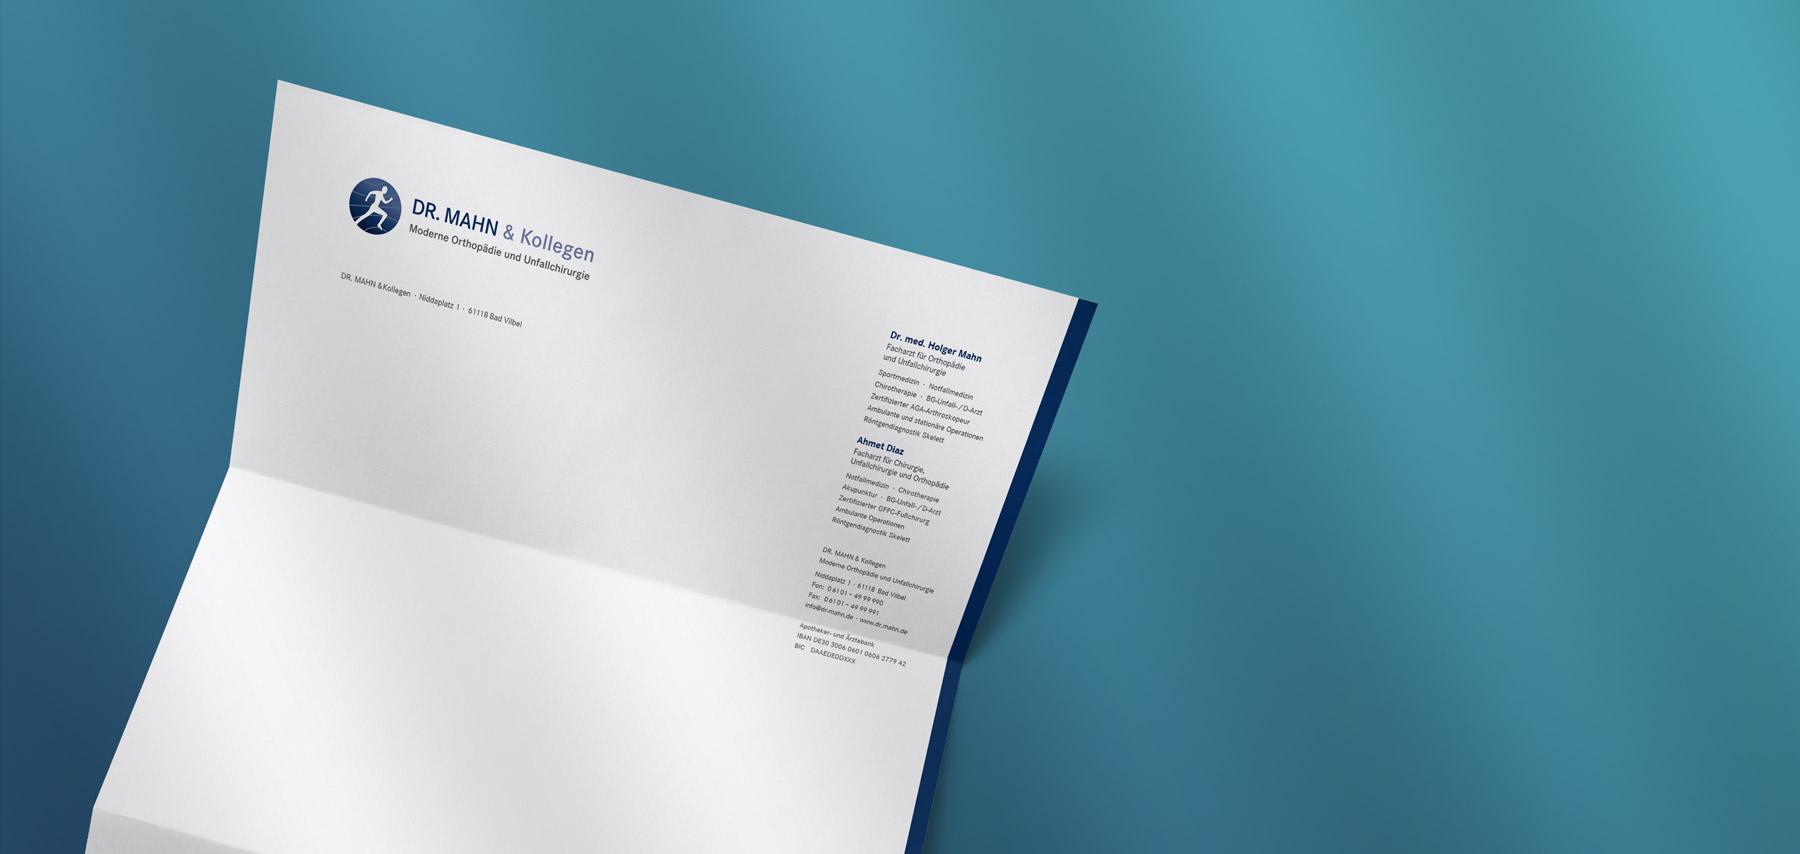 Briefbogen für einen Orthopäden aus Bad Vilbel.